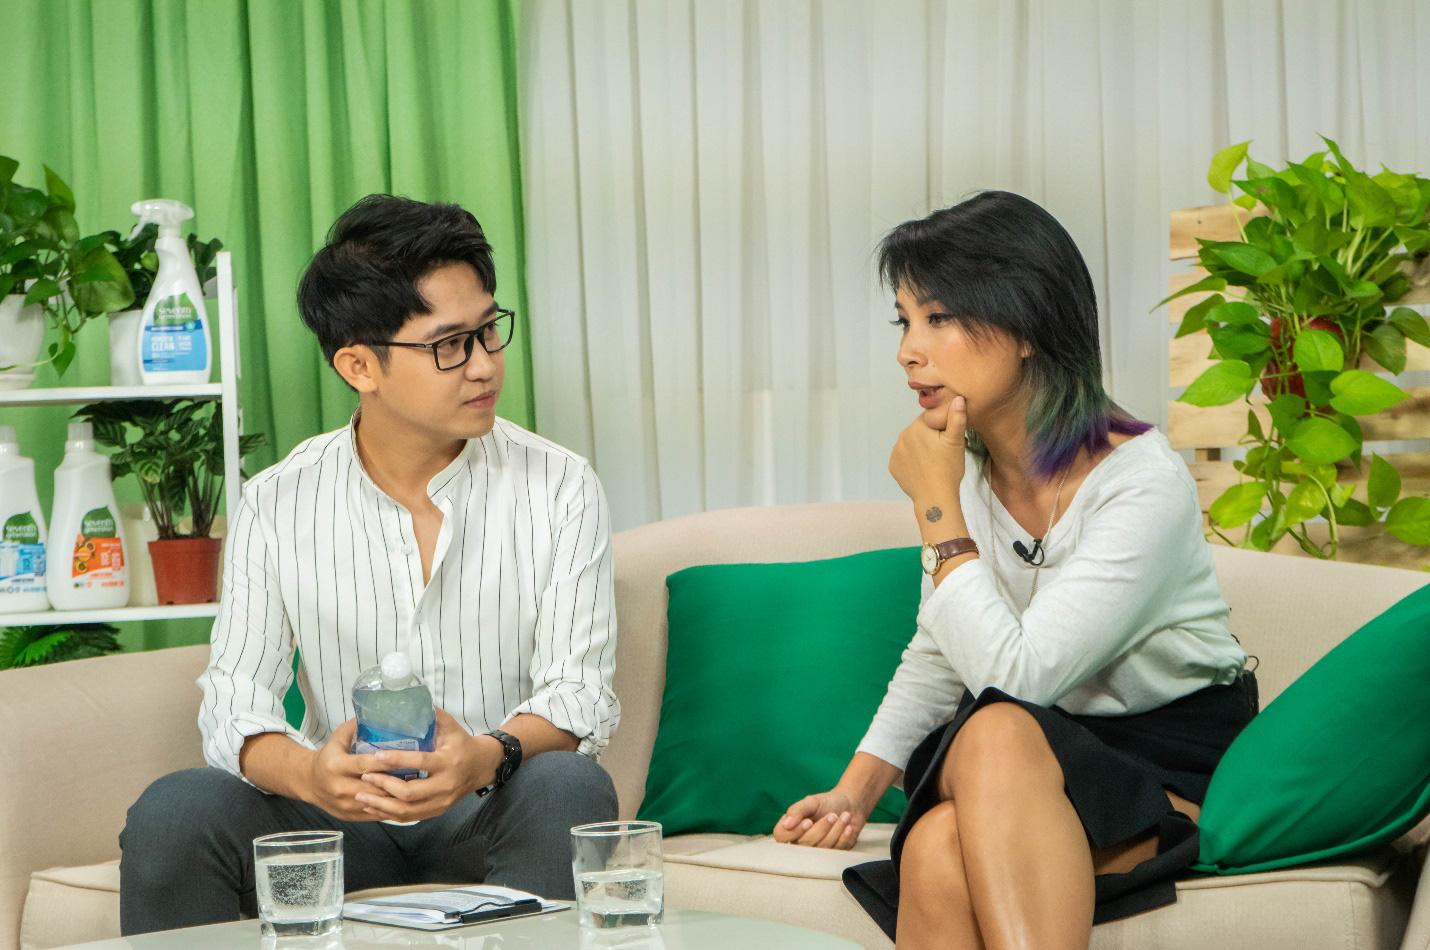 Giật mình với những chia sẻ của MC Thùy Minh về biến đổi khí hậu và sống xanh - Ảnh 4.